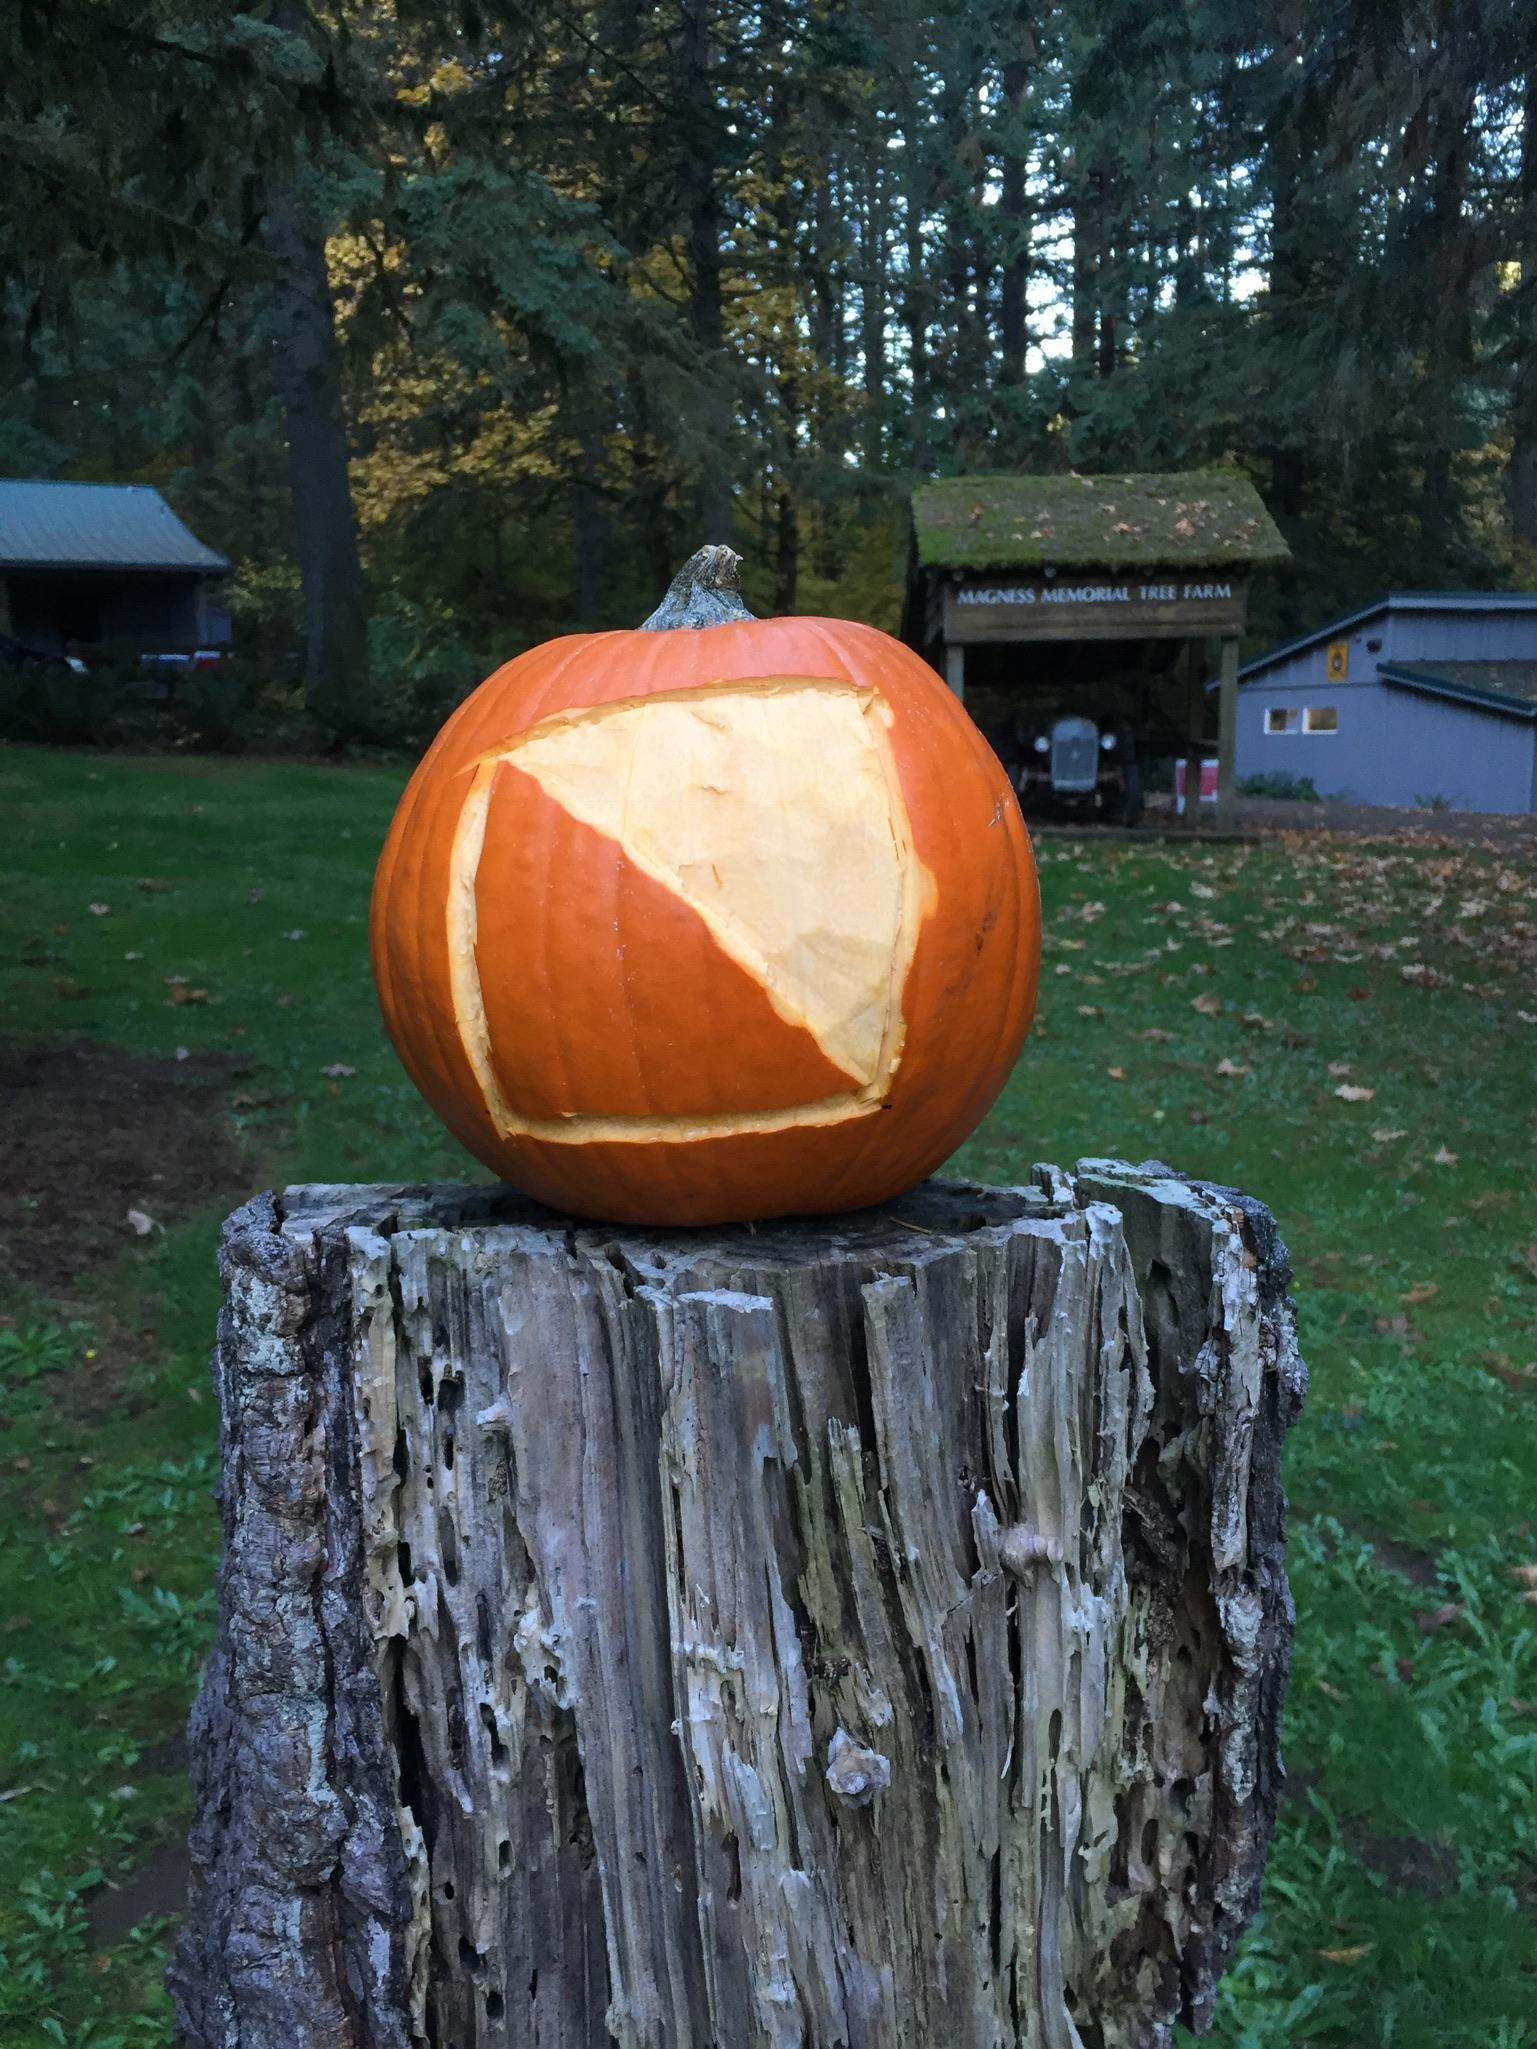 The CROC pumpkin